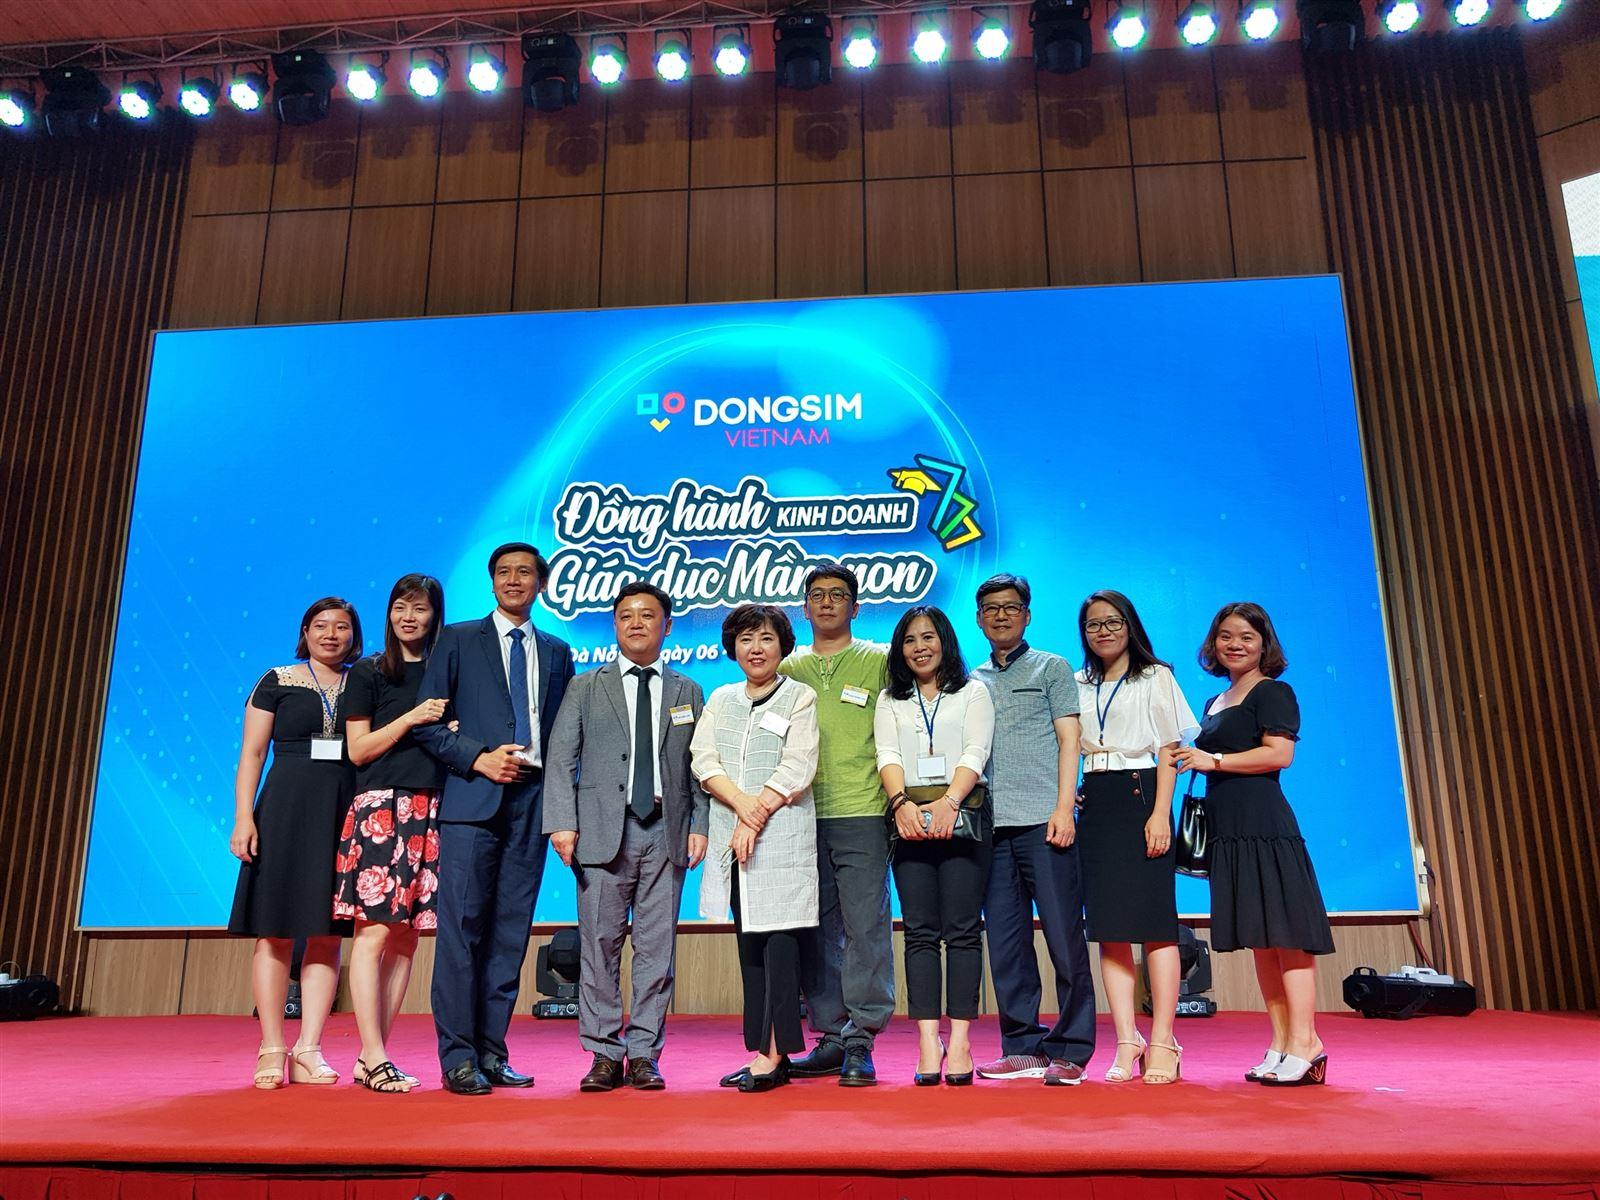 [DÂN TRÍ] Giáo dục mầm non Việt Nam học hỏi được gì từ các chuyên gia Hàn Quốc